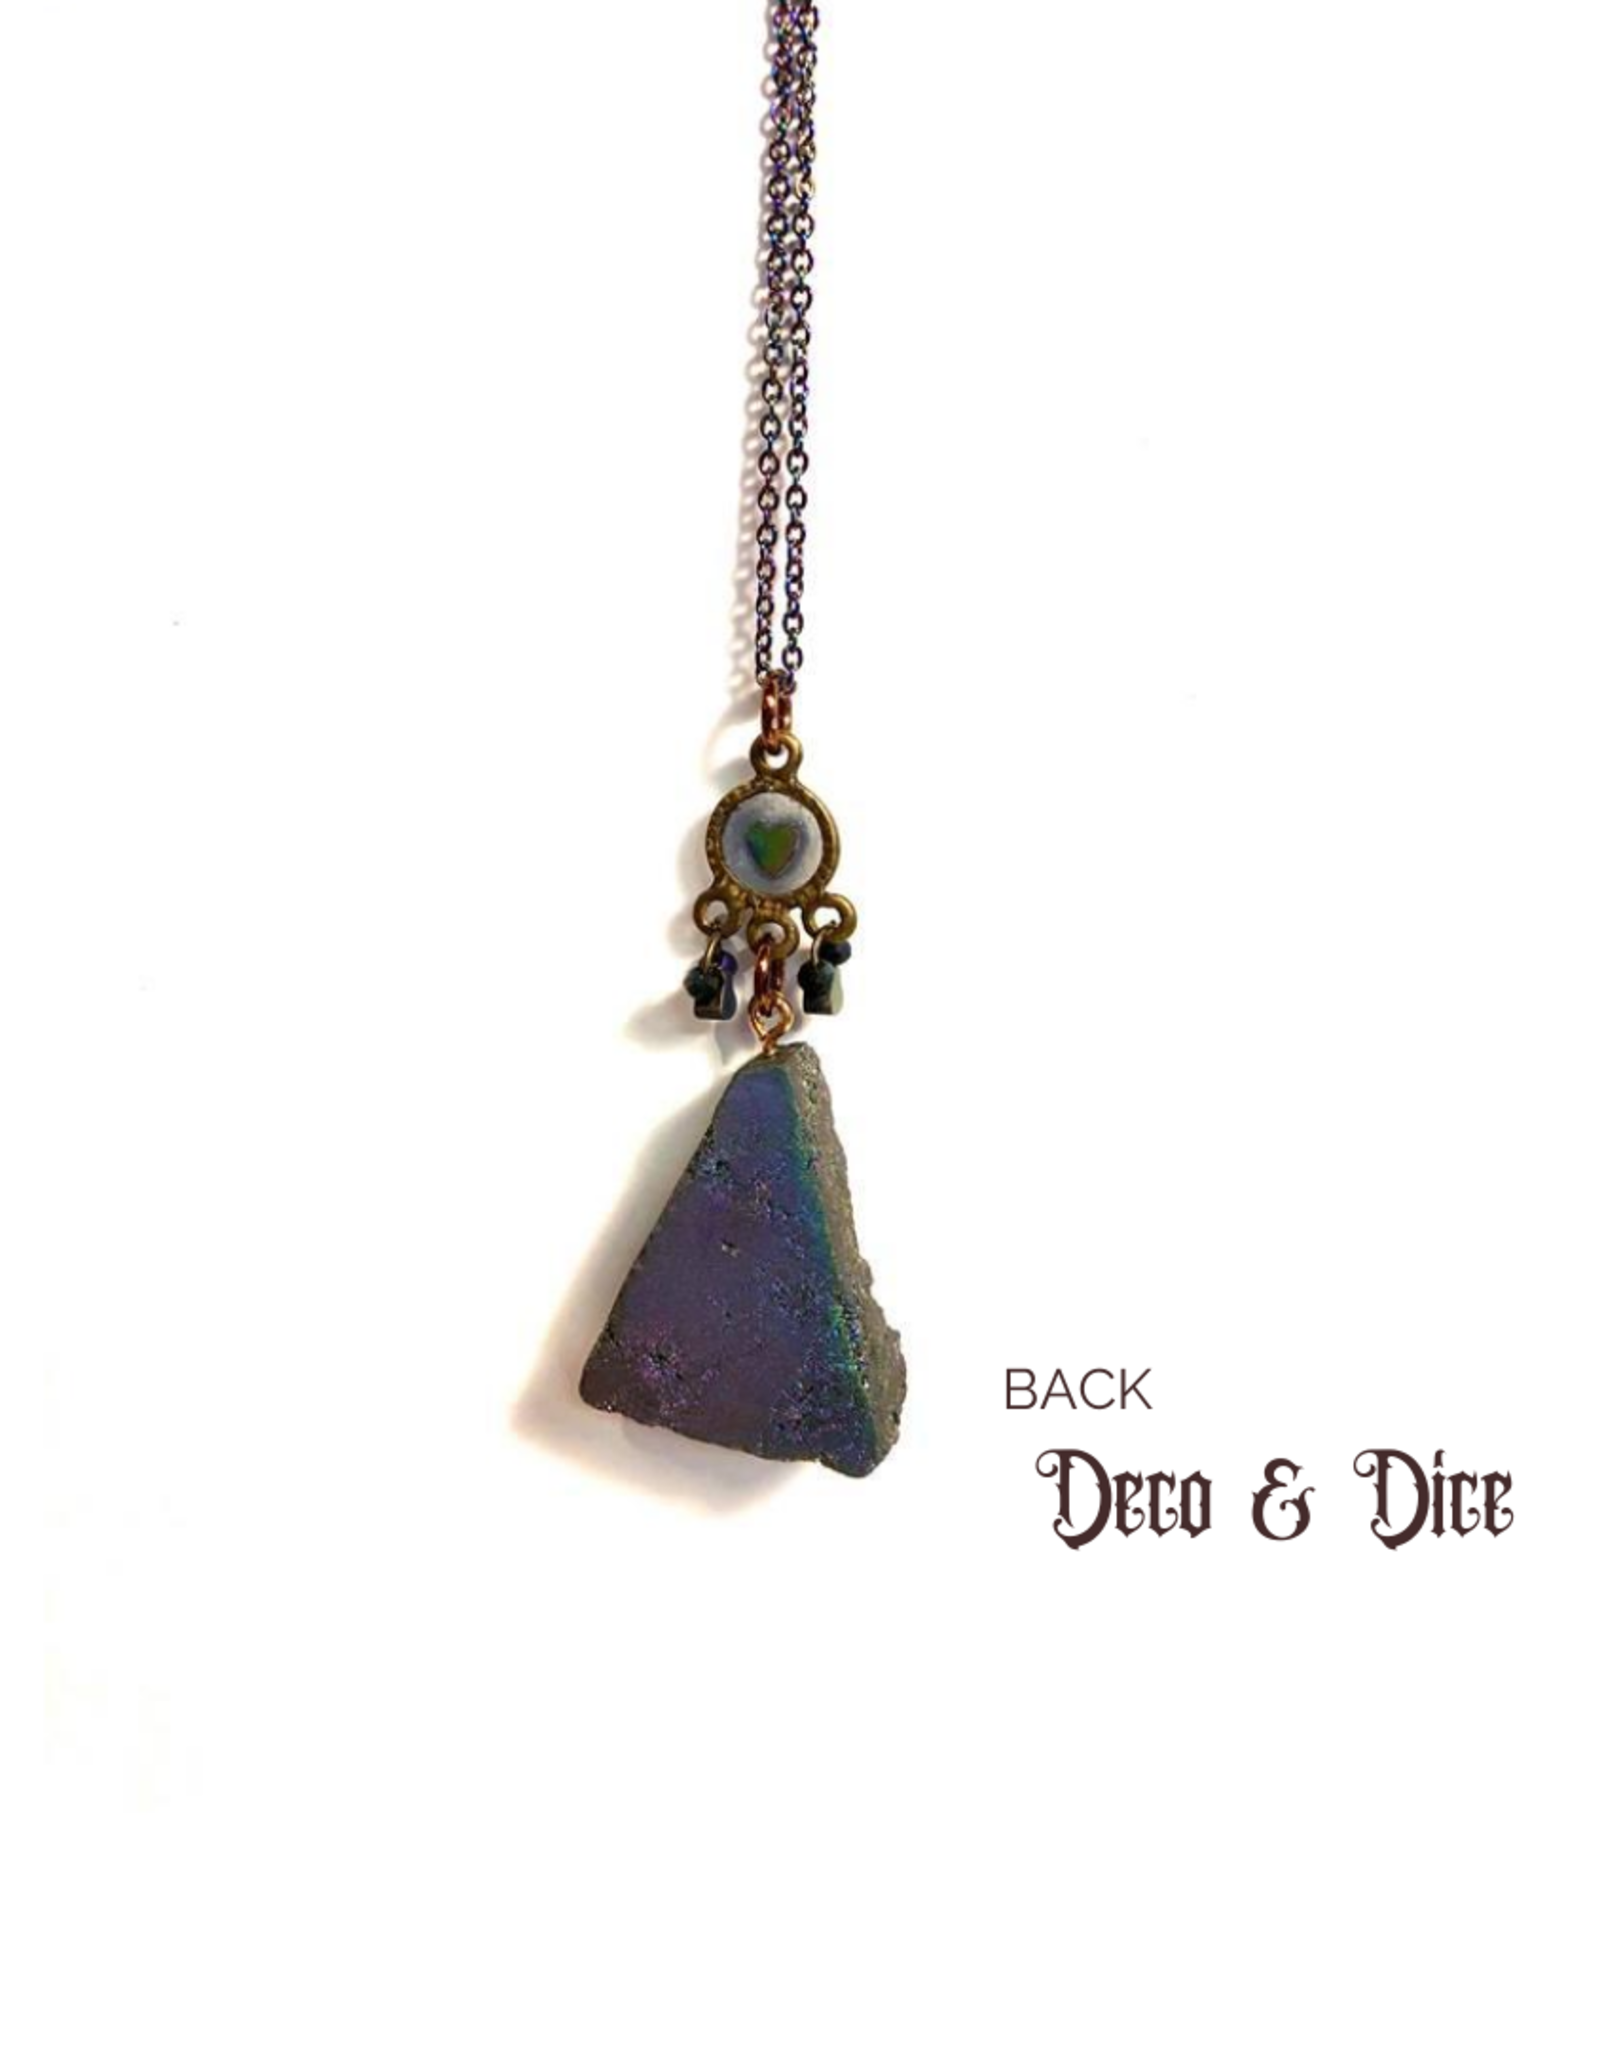 Deco and Dice Druzy Dark Rainbow Necklace